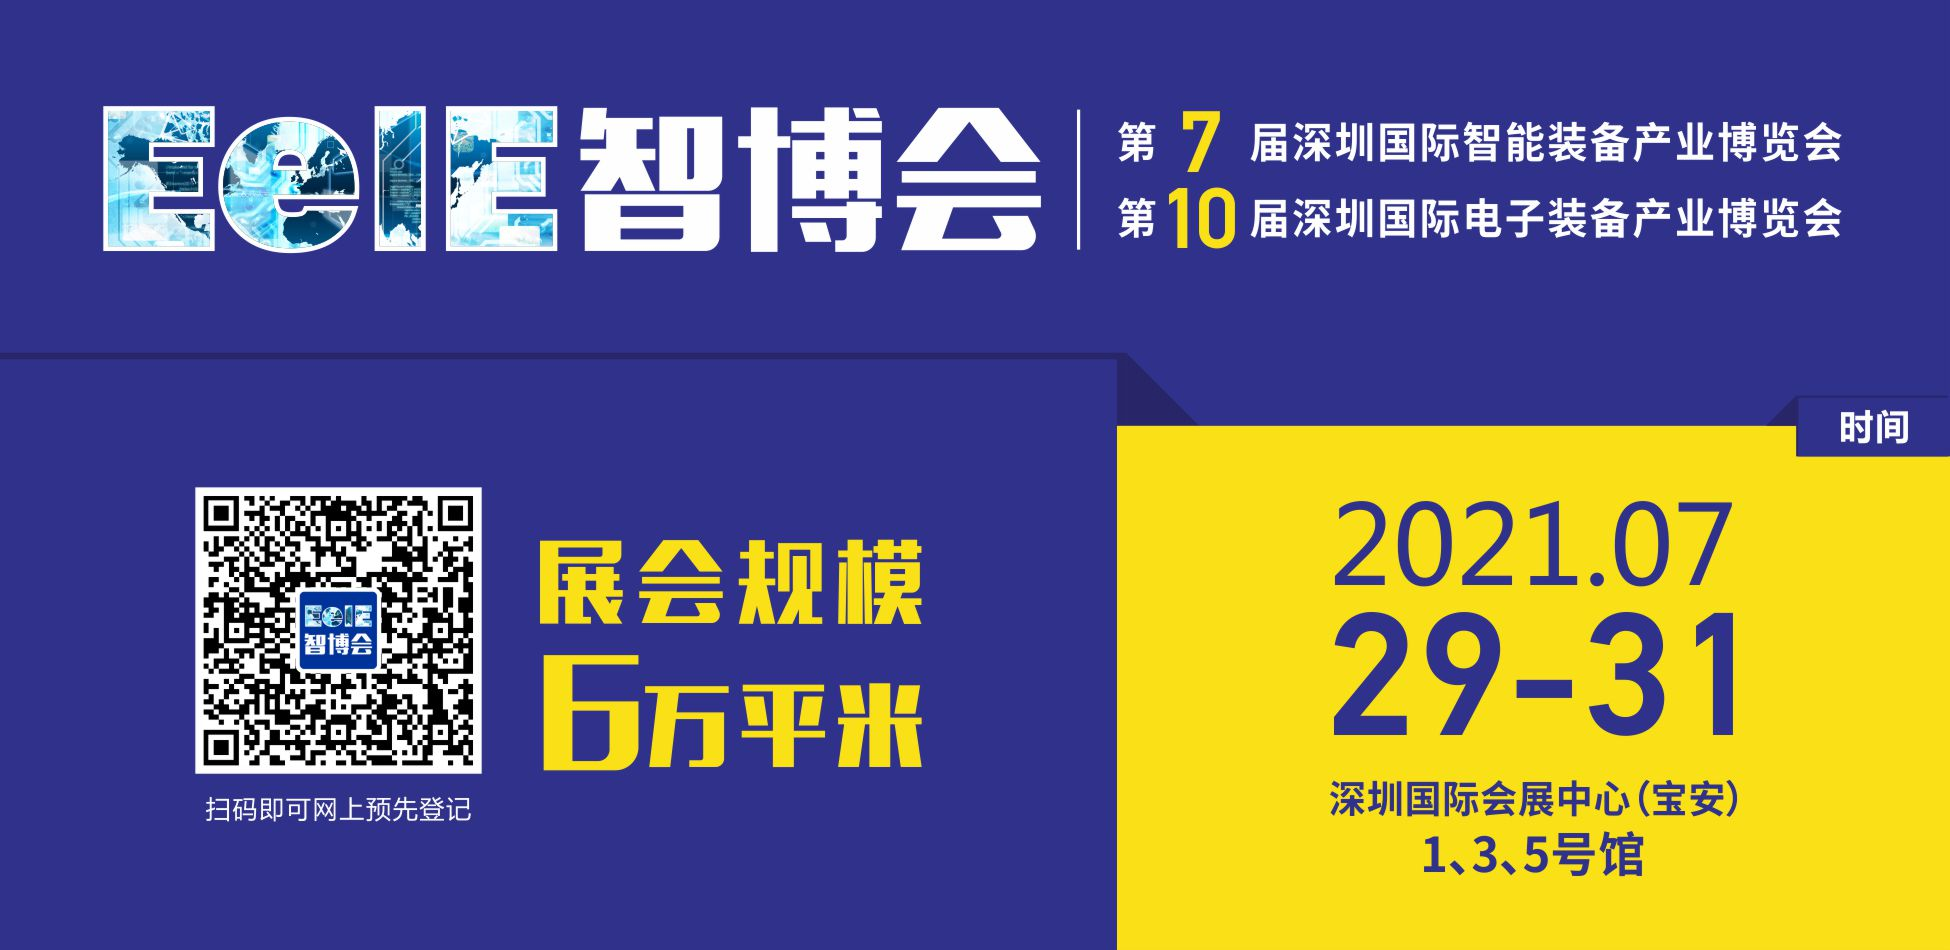 第七届深圳国际智能装备产业博览会